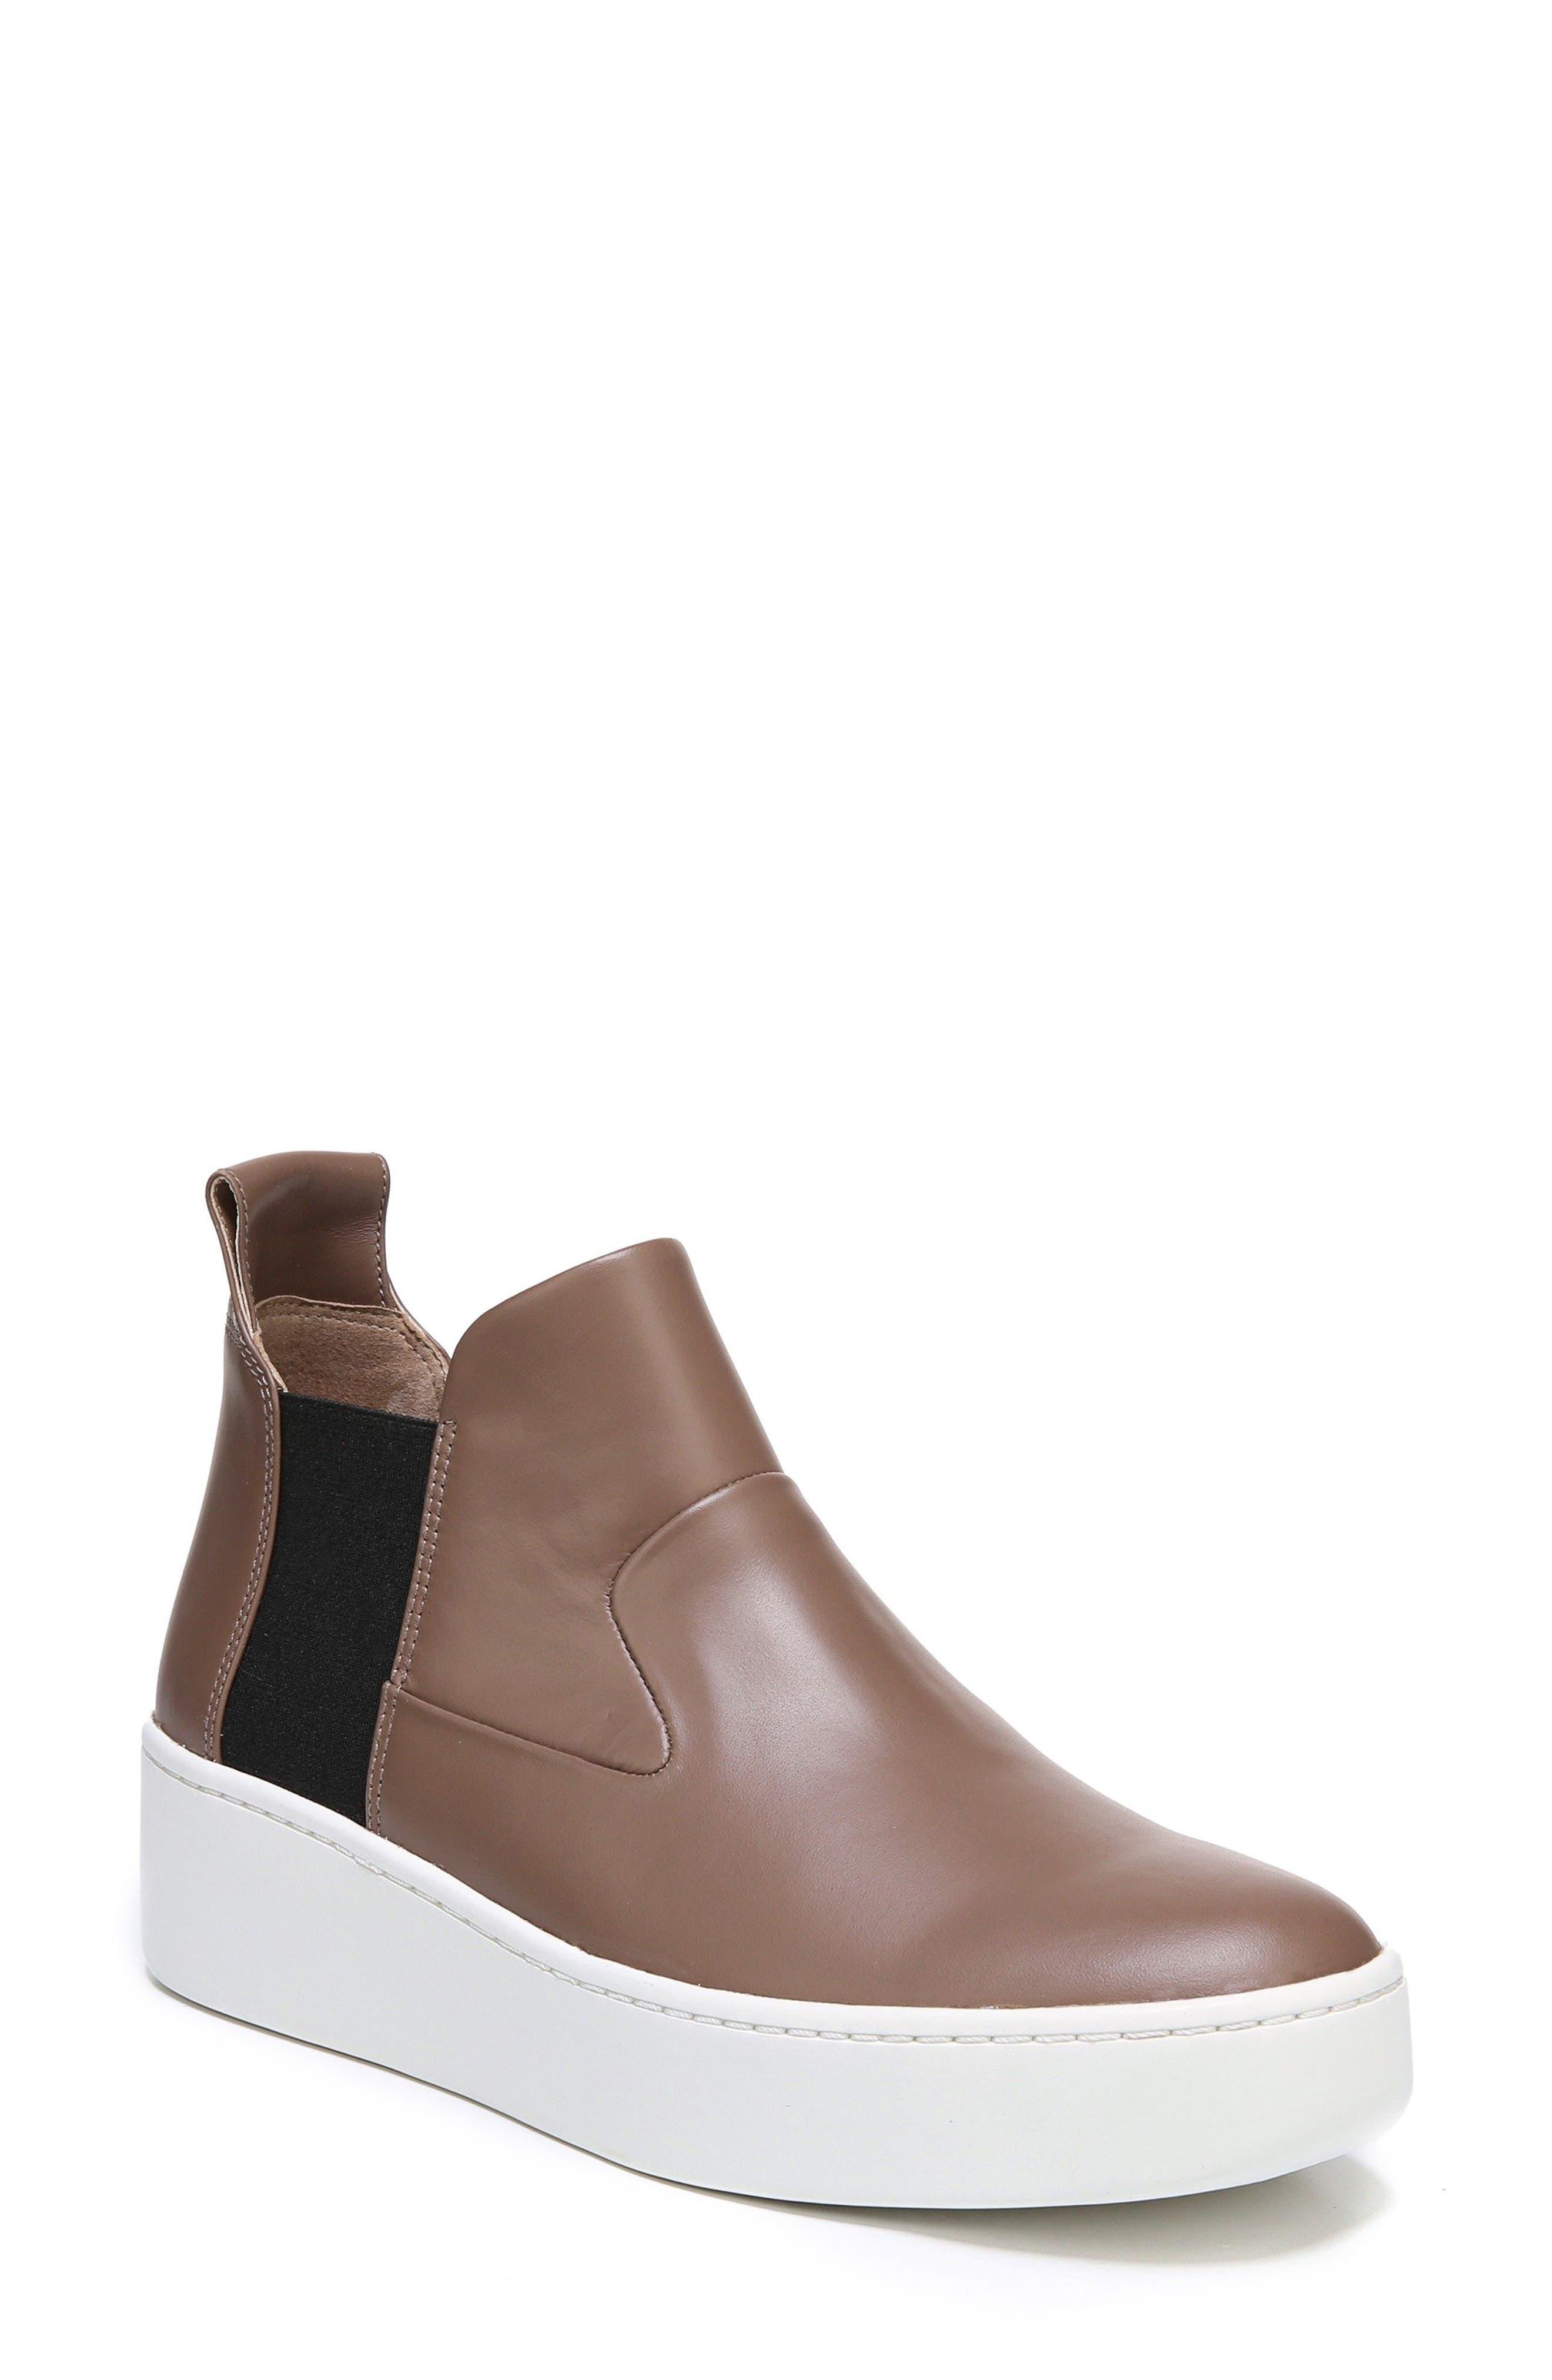 Alternate Image 1 Selected - Via Spiga Eren Slip-On High Top Sneaker (Women)